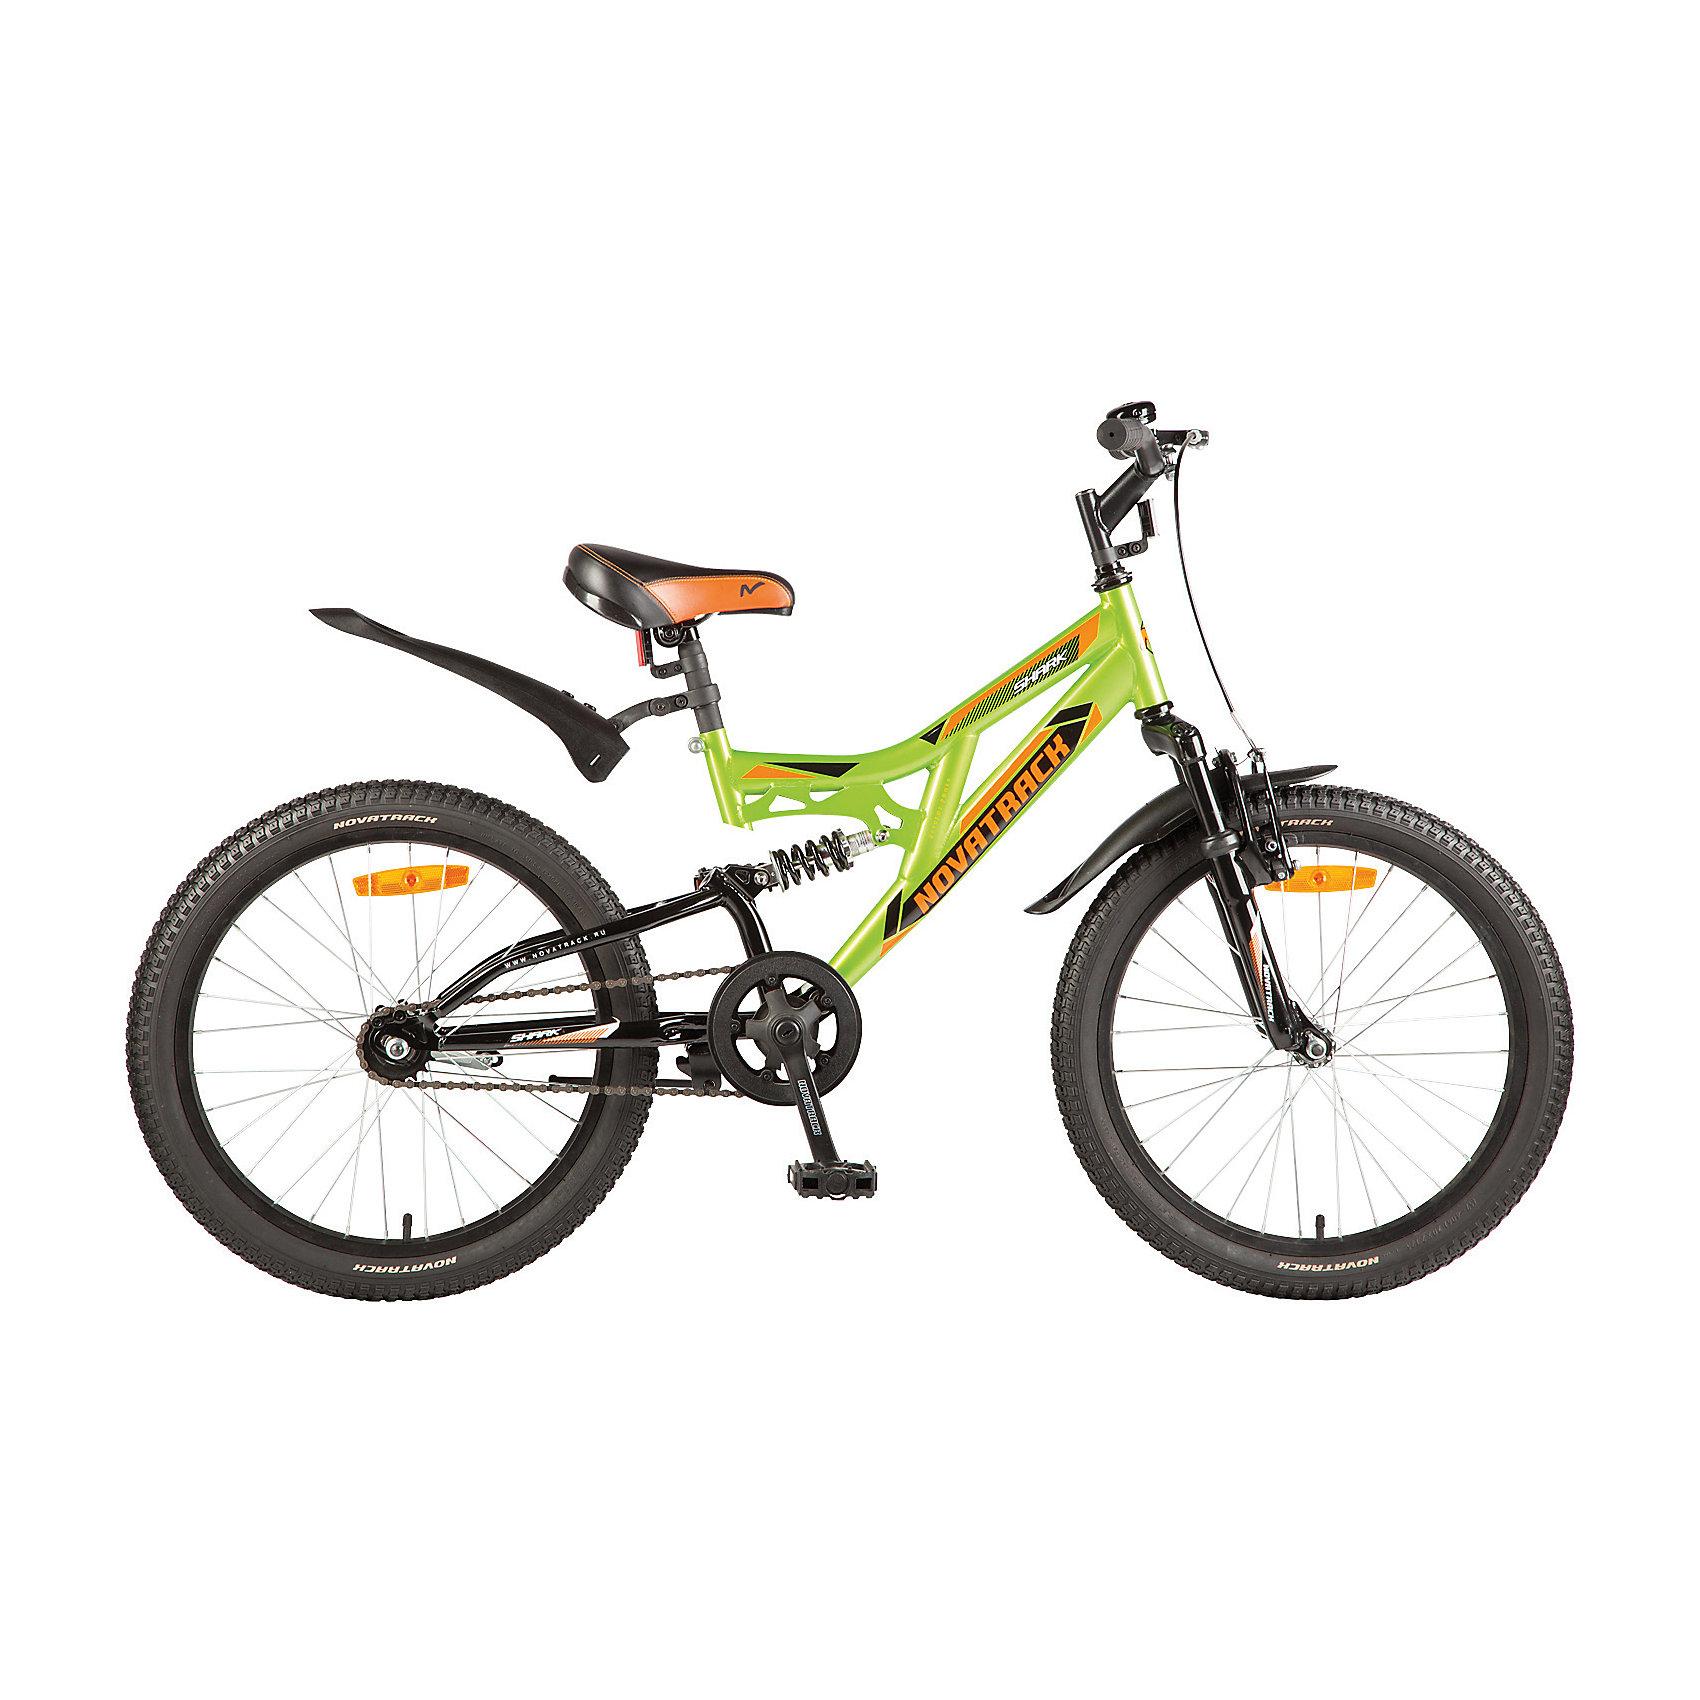 Велосипед SHARK, зелёный, 20 дюймов, NovatrackВелосипеды детские<br>Характеристики товара:<br><br>• цвет: зеленый<br>• возраст: от 7 лет<br>• стальная рама<br>• мягкое регулируемое по высоте седло<br>• руль регулируется по высоте<br>• диаметр колес: 20 дюймов<br>• надежные тормоза типа V-brake<br>• передний и задний амортизаторы<br>• 1 скорость<br>• крылья защитят от грязи и брызг<br>• мягкие накладки на руле<br>• катафоты<br><br>Велосипед Shark 20'' – это мечта любого мальчишки 7-10 лет. Это легко управляемый велосипед-двухподвес, который станет предметом гордости и постоянным спутником во время летних прогулок. <br><br>Shark 20'' самая подходящая модель для катания не только во дворе, но и в парках, а также за городом.<br><br>Велосипед SHARK, зеленый, 20 дюймов, Novatrack можно купить в нашем интернет-магазине.<br><br>Ширина мм: 1100<br>Глубина мм: 180<br>Высота мм: 520<br>Вес г: 14000<br>Возраст от месяцев: 84<br>Возраст до месяцев: 120<br>Пол: Унисекс<br>Возраст: Детский<br>SKU: 5613223